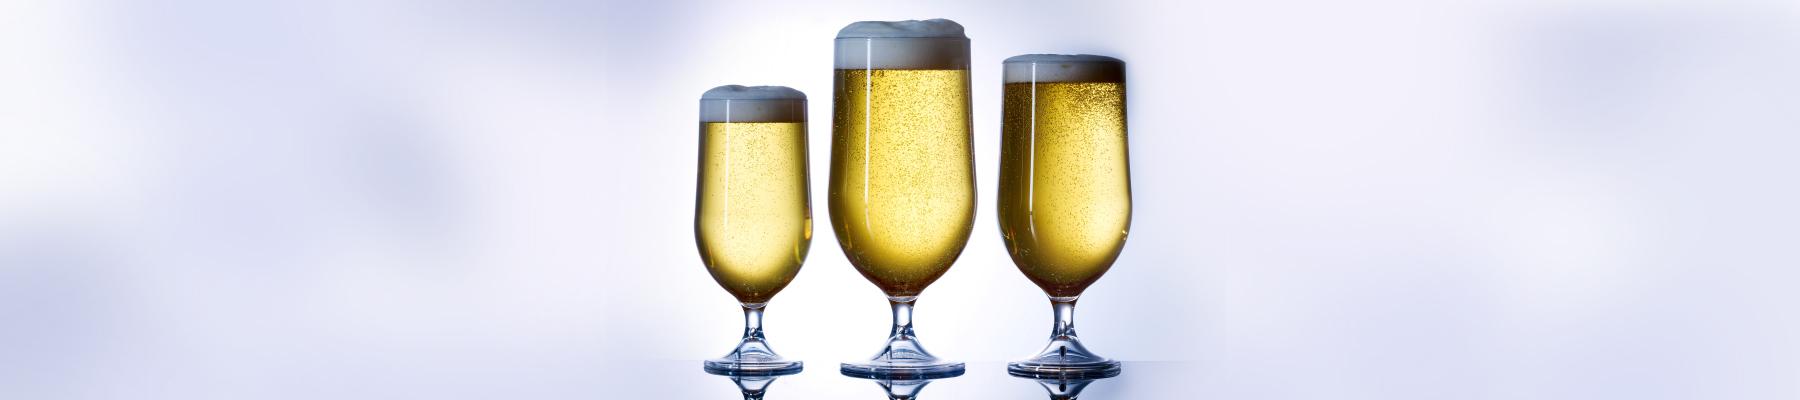 plastic glassware 5